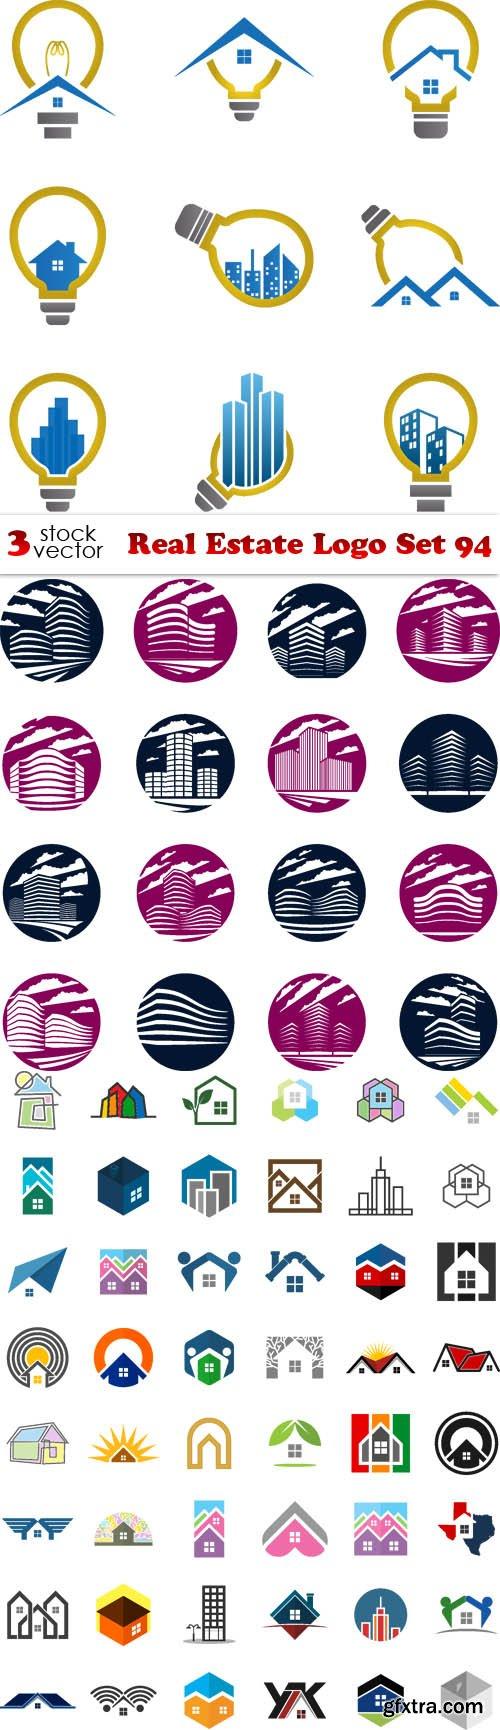 Vectors - Real Estate Logo Set 94